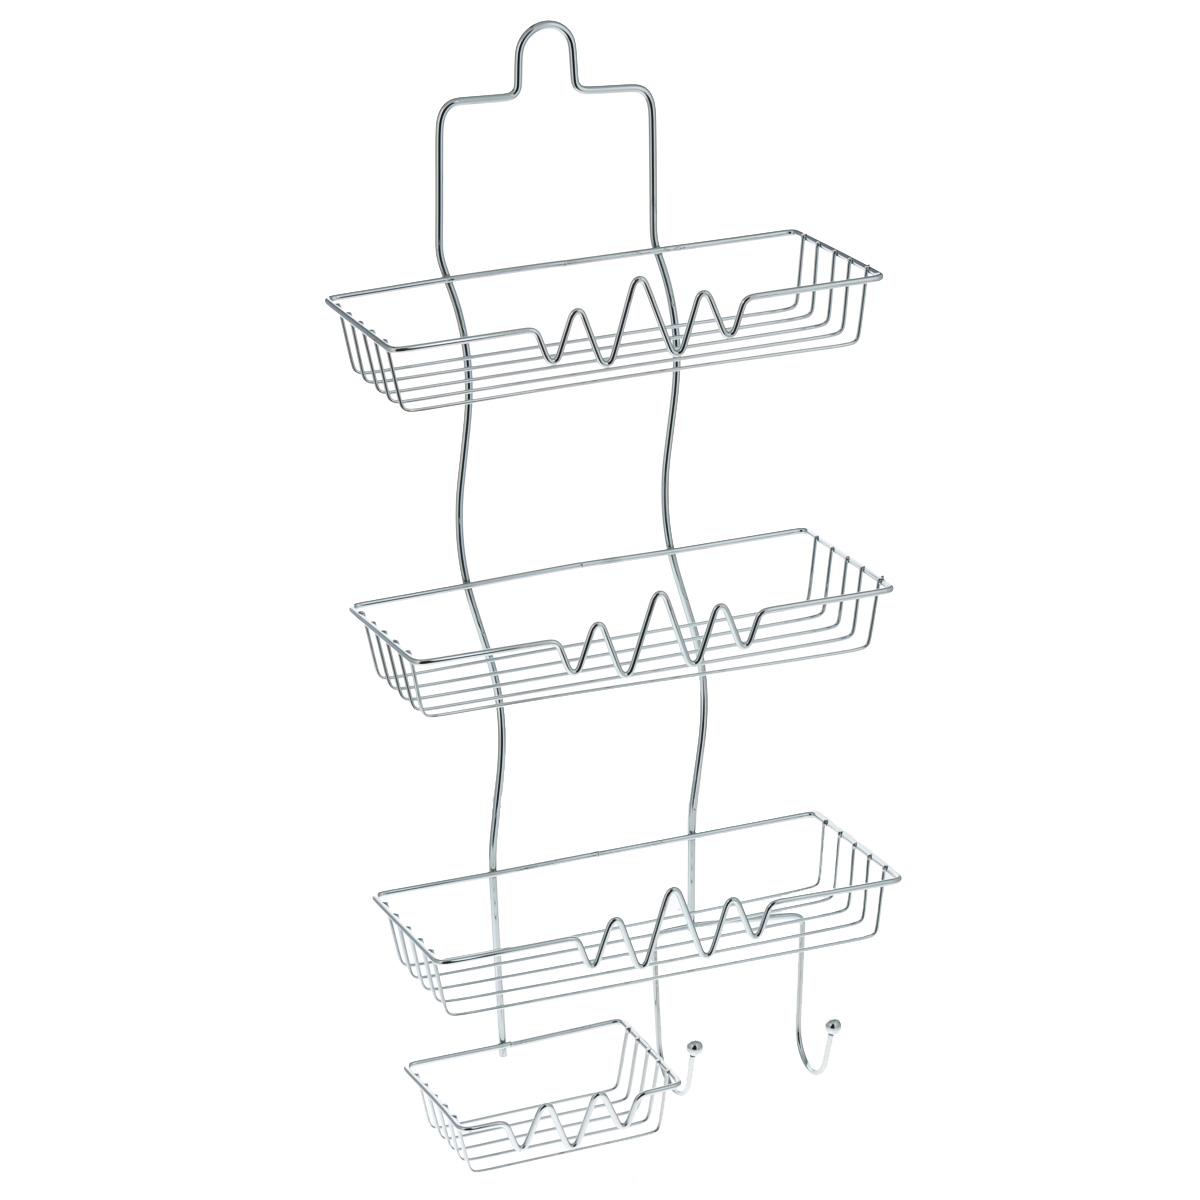 Полка Доляна, 3-х ярусная, с мыльницей, высота 60 см131393Полка Доляна выполнена из высококачественного металла и предназначена для хранения вещей в ванной комнате. Полка состоит из 3-х ярусов прямоугольной формы, мыльницы и двух крючков. Она пригодится для хранения различных предметов, которые всегда будут под рукой. Благодаря компактным размерам полка впишется в интерьер вашего дома и позволит вам удобно и практично хранить предметы домашнего обихода. Удобная и практичная металлическая полочка станет незаменимым аксессуаром в вашем хозяйстве.